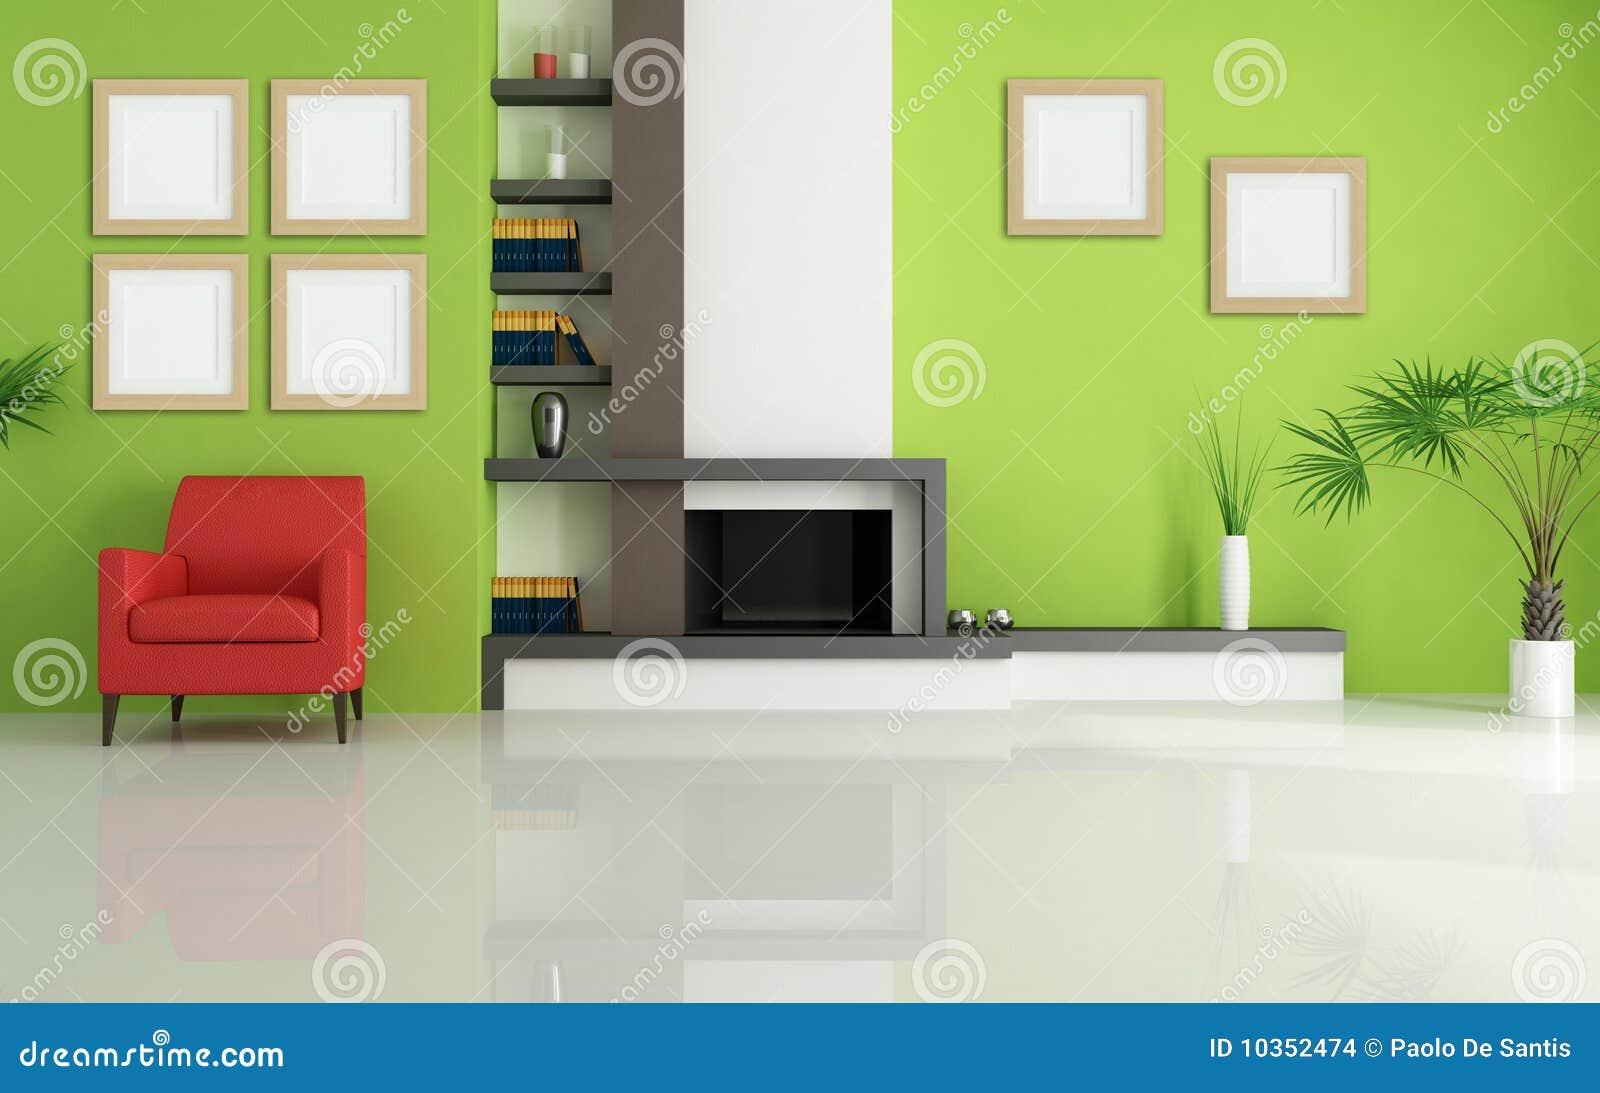 Wohnzimmer Mit Kamin Und Schwarz-und-grünem Dekor Stockfoto - Bild ...